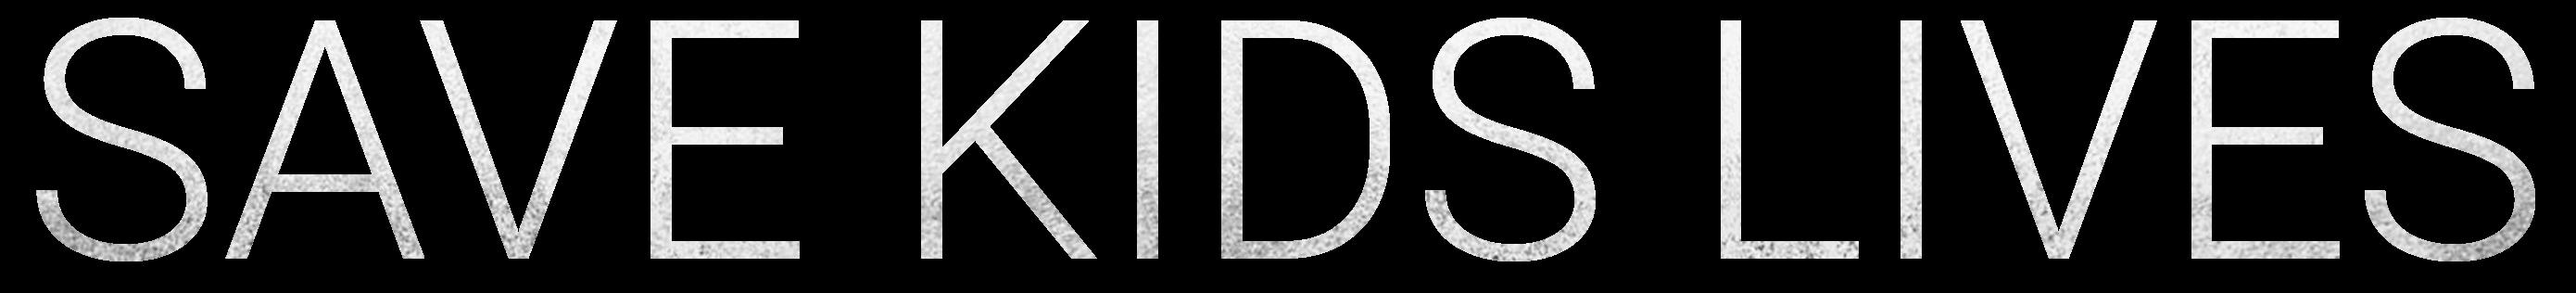 Save Kids Lives -  Un film réalisé par Luc Besson - #SAVEKIDSLIVES - prochainement